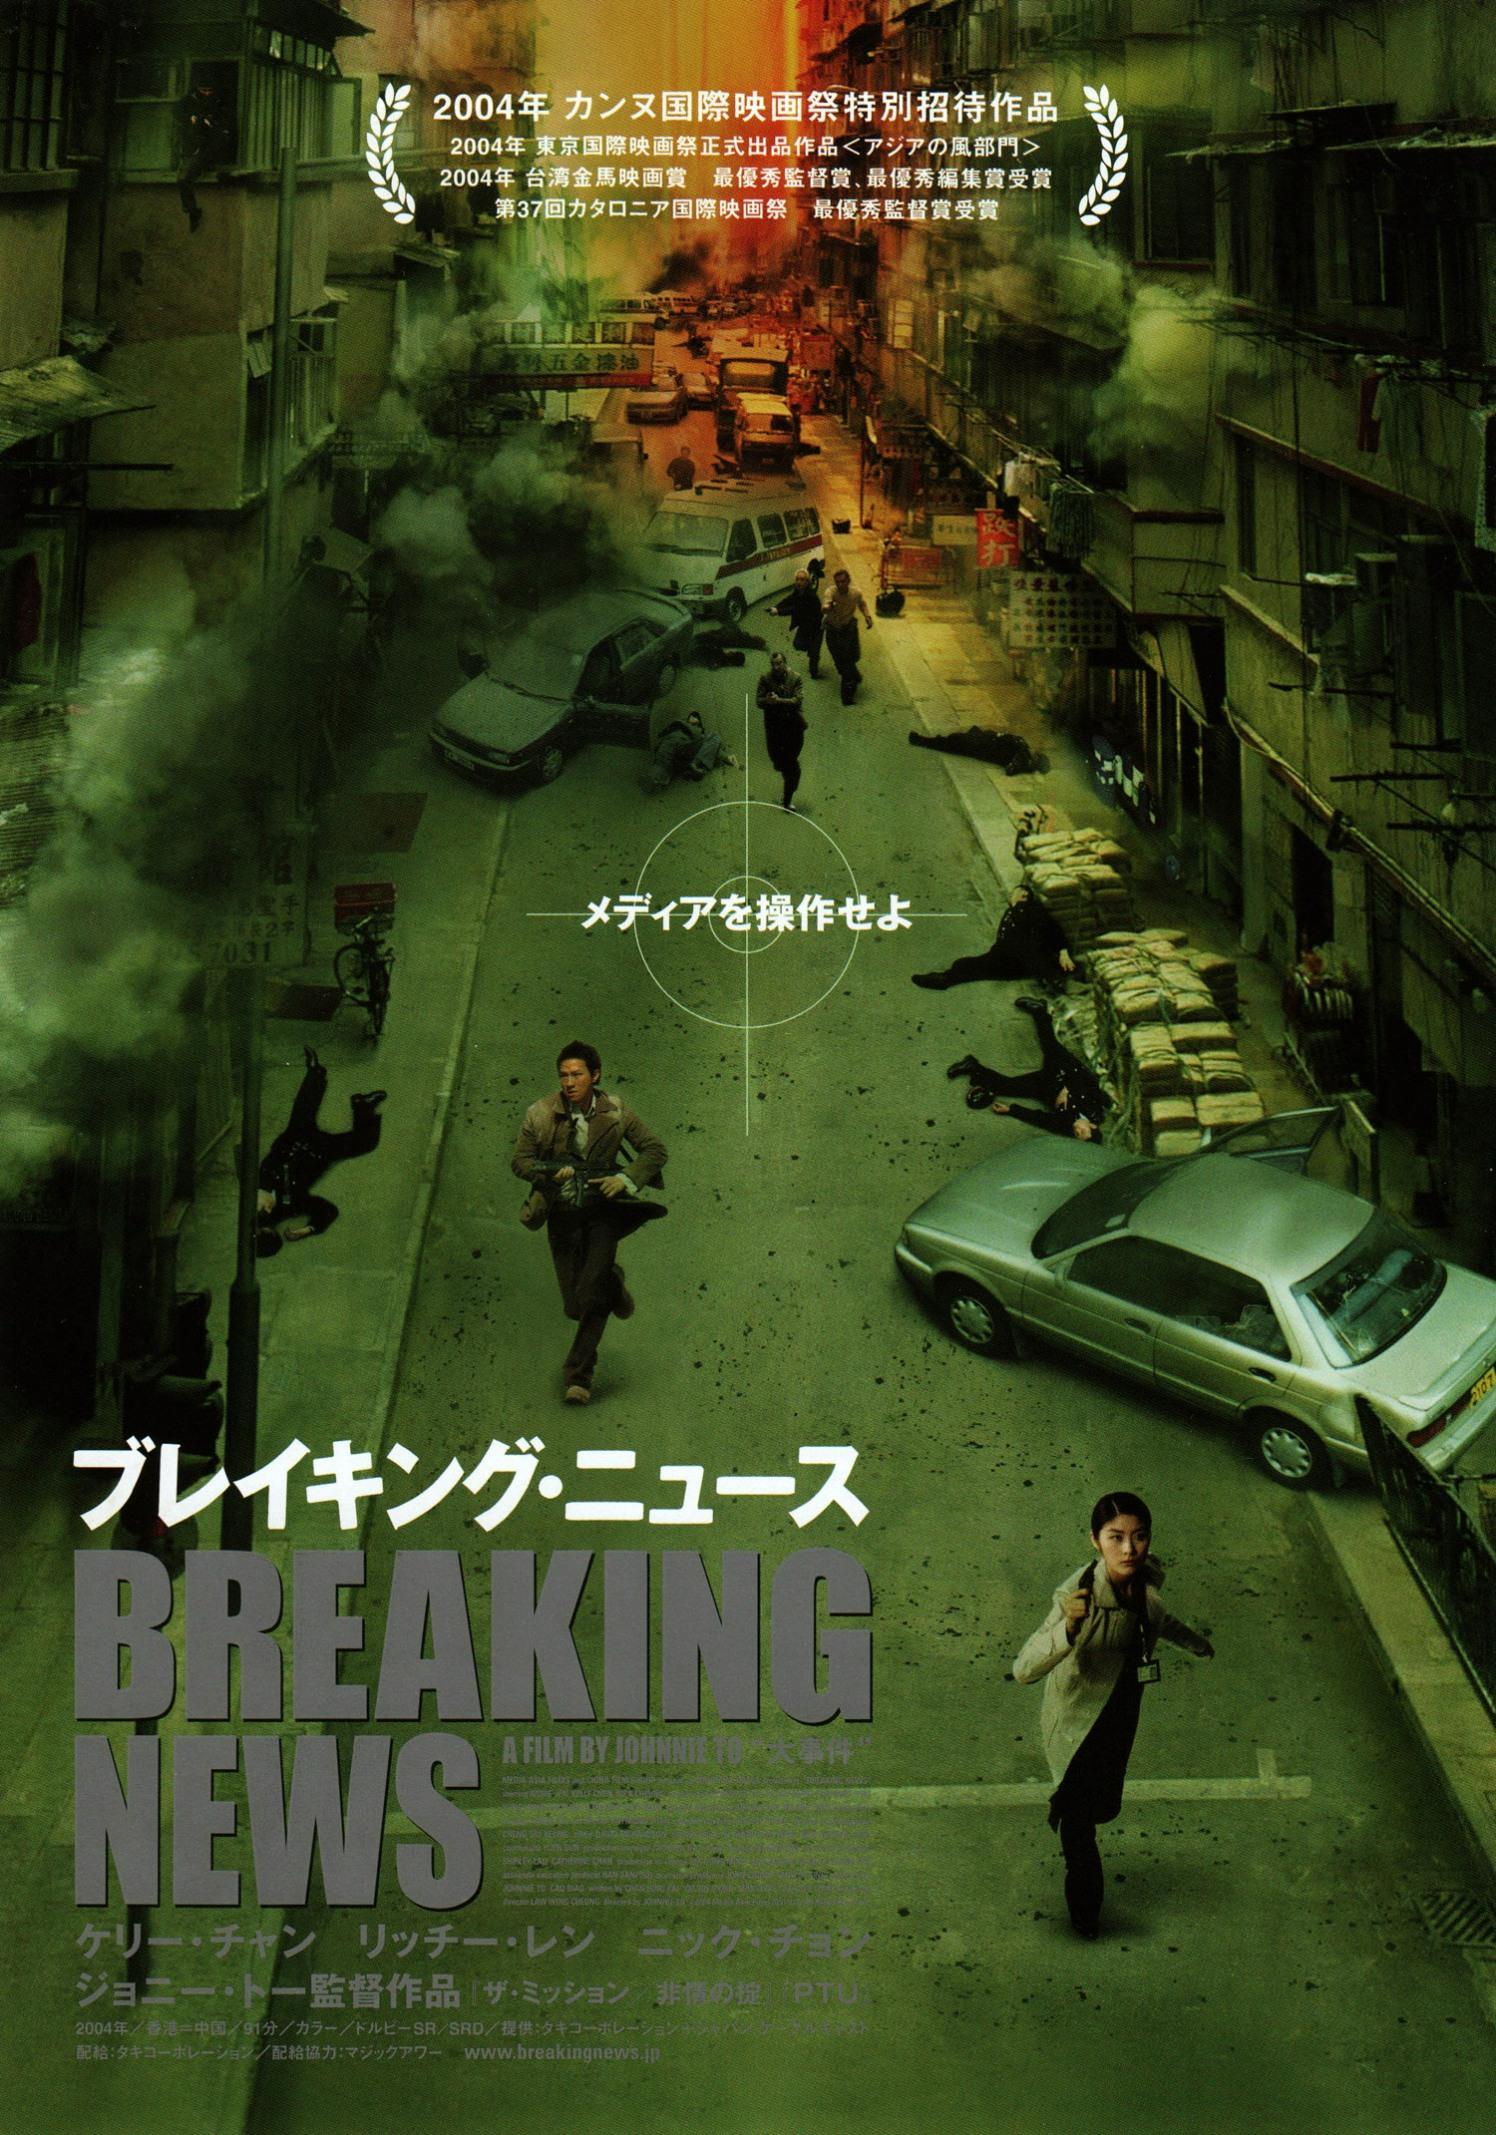 breakingnews-japan-2